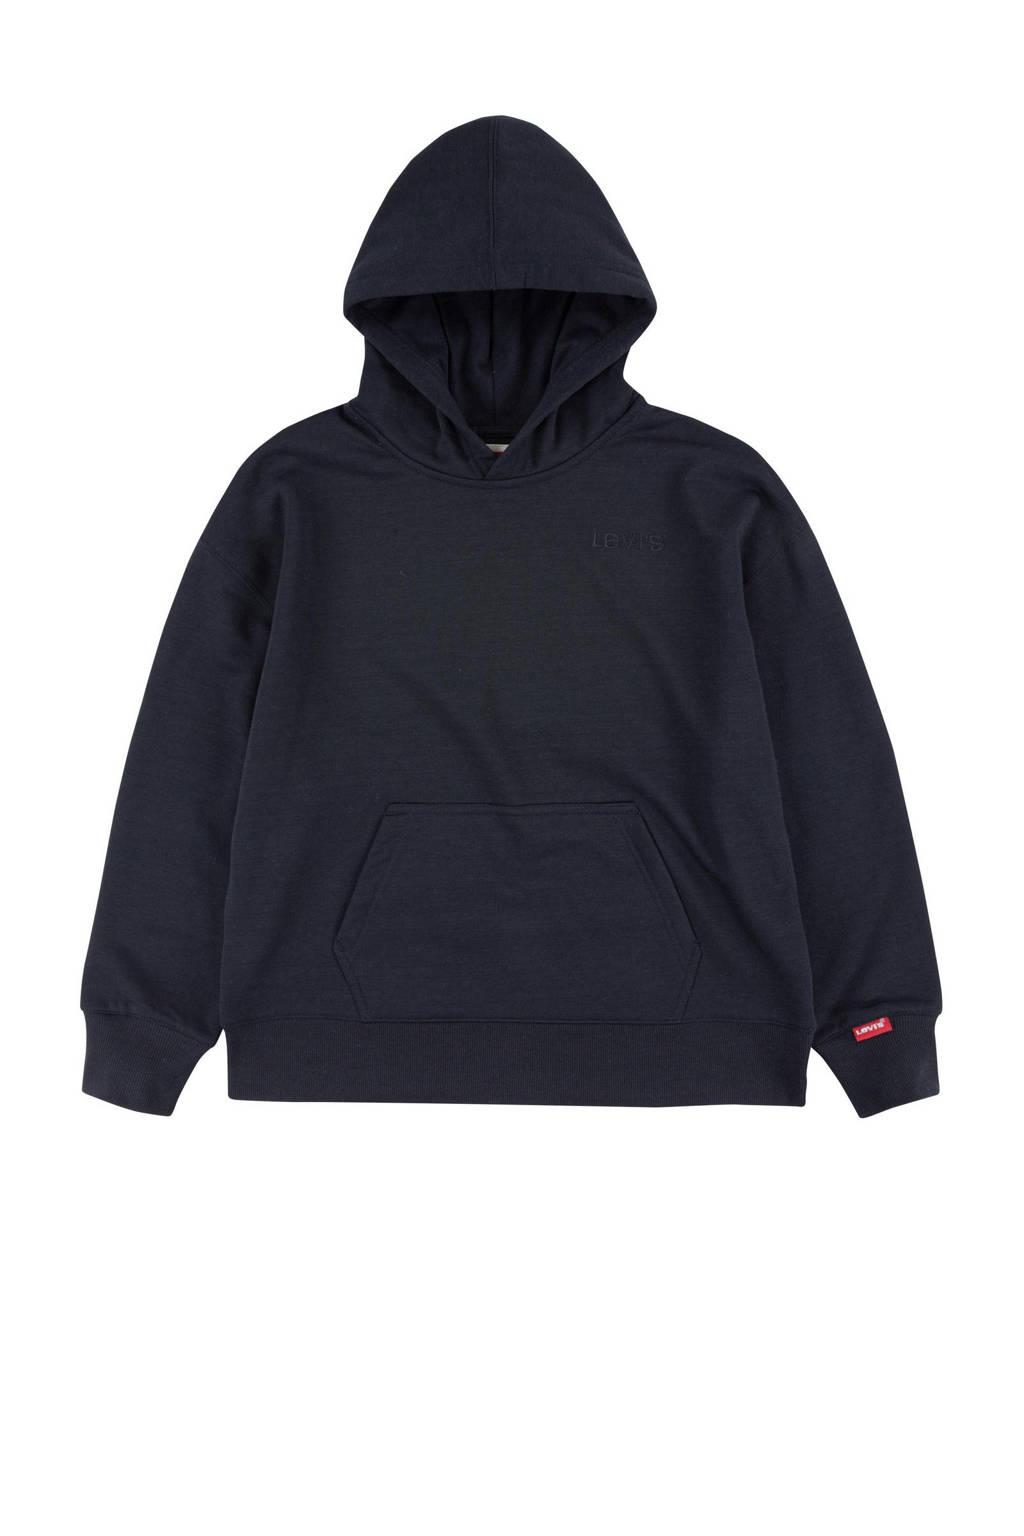 Levi's Kids hoodie Relaxed Core zwart, Zwart